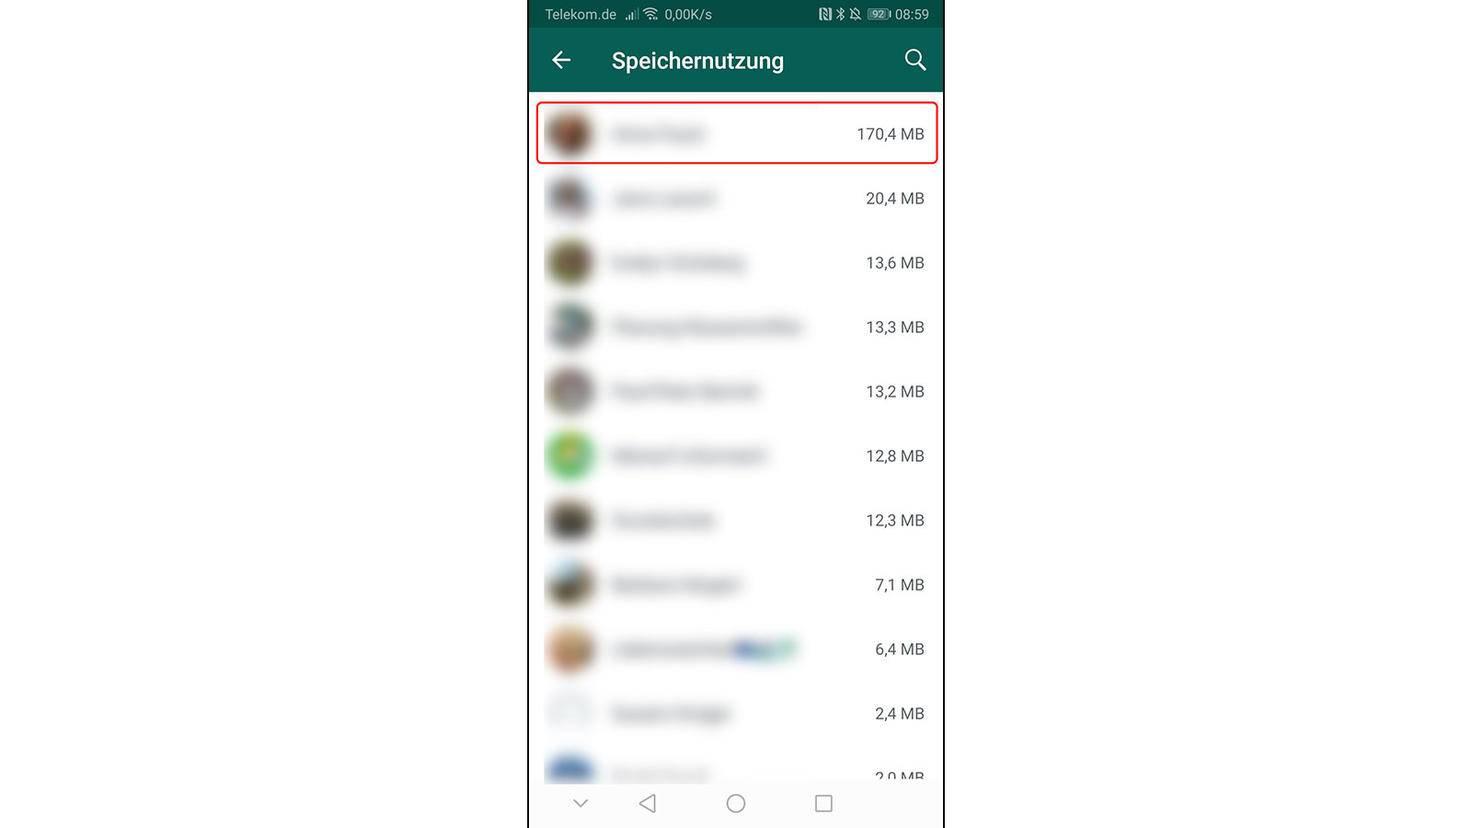 Utilisation des données WhatsApp